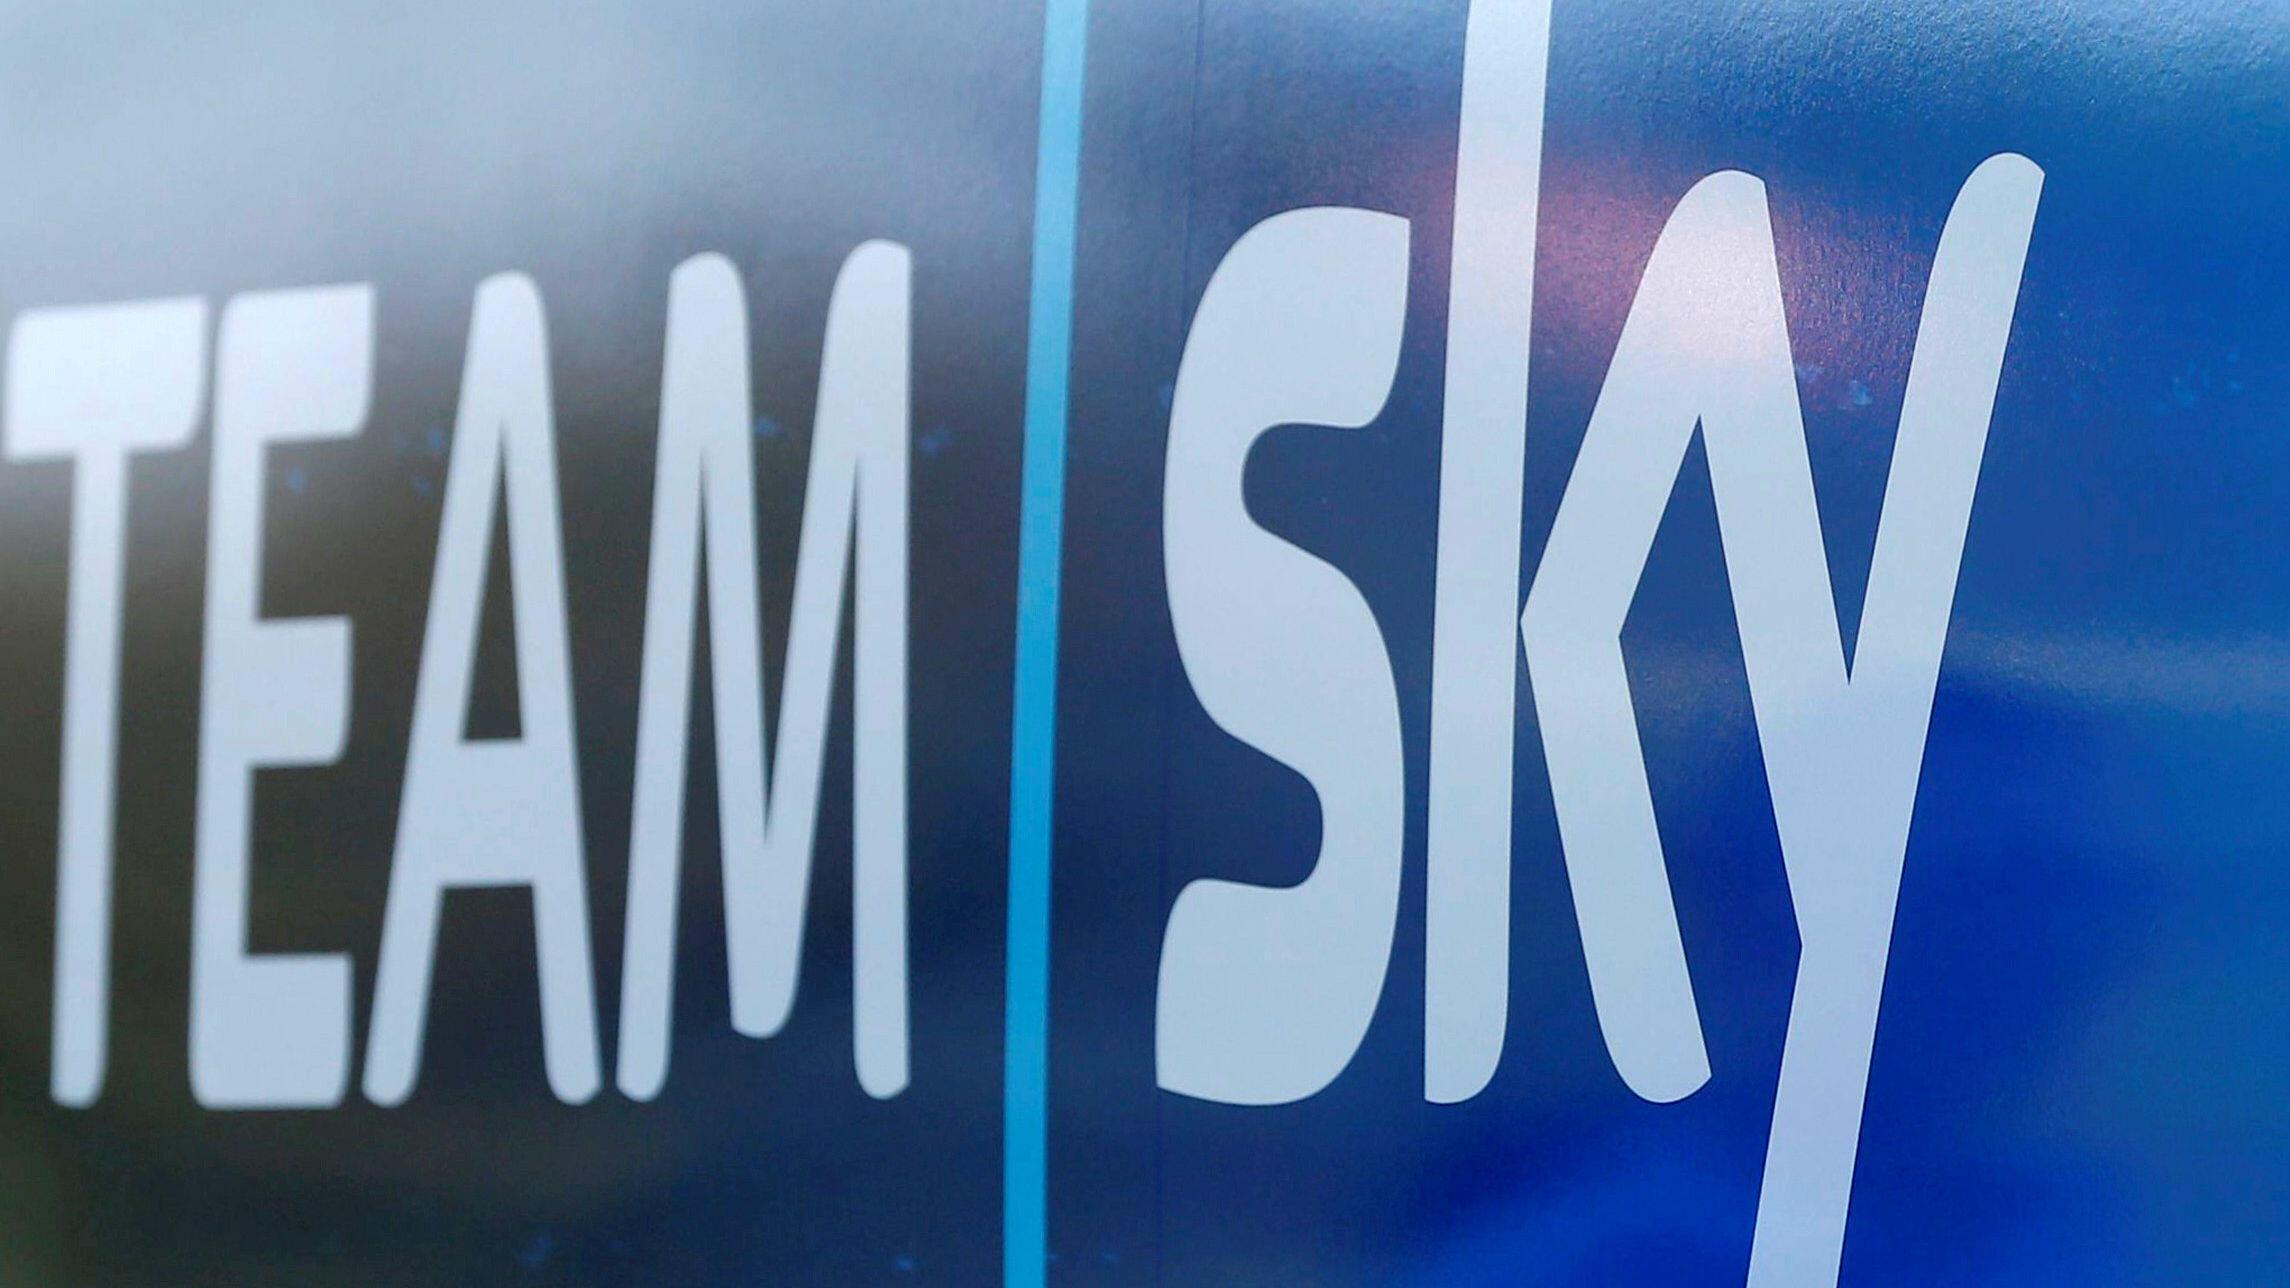 Logo del Equipo Sky en un bus durante el Tour de Francia de 2018 en Carcassone, Francia. 23 de julio de 2018.